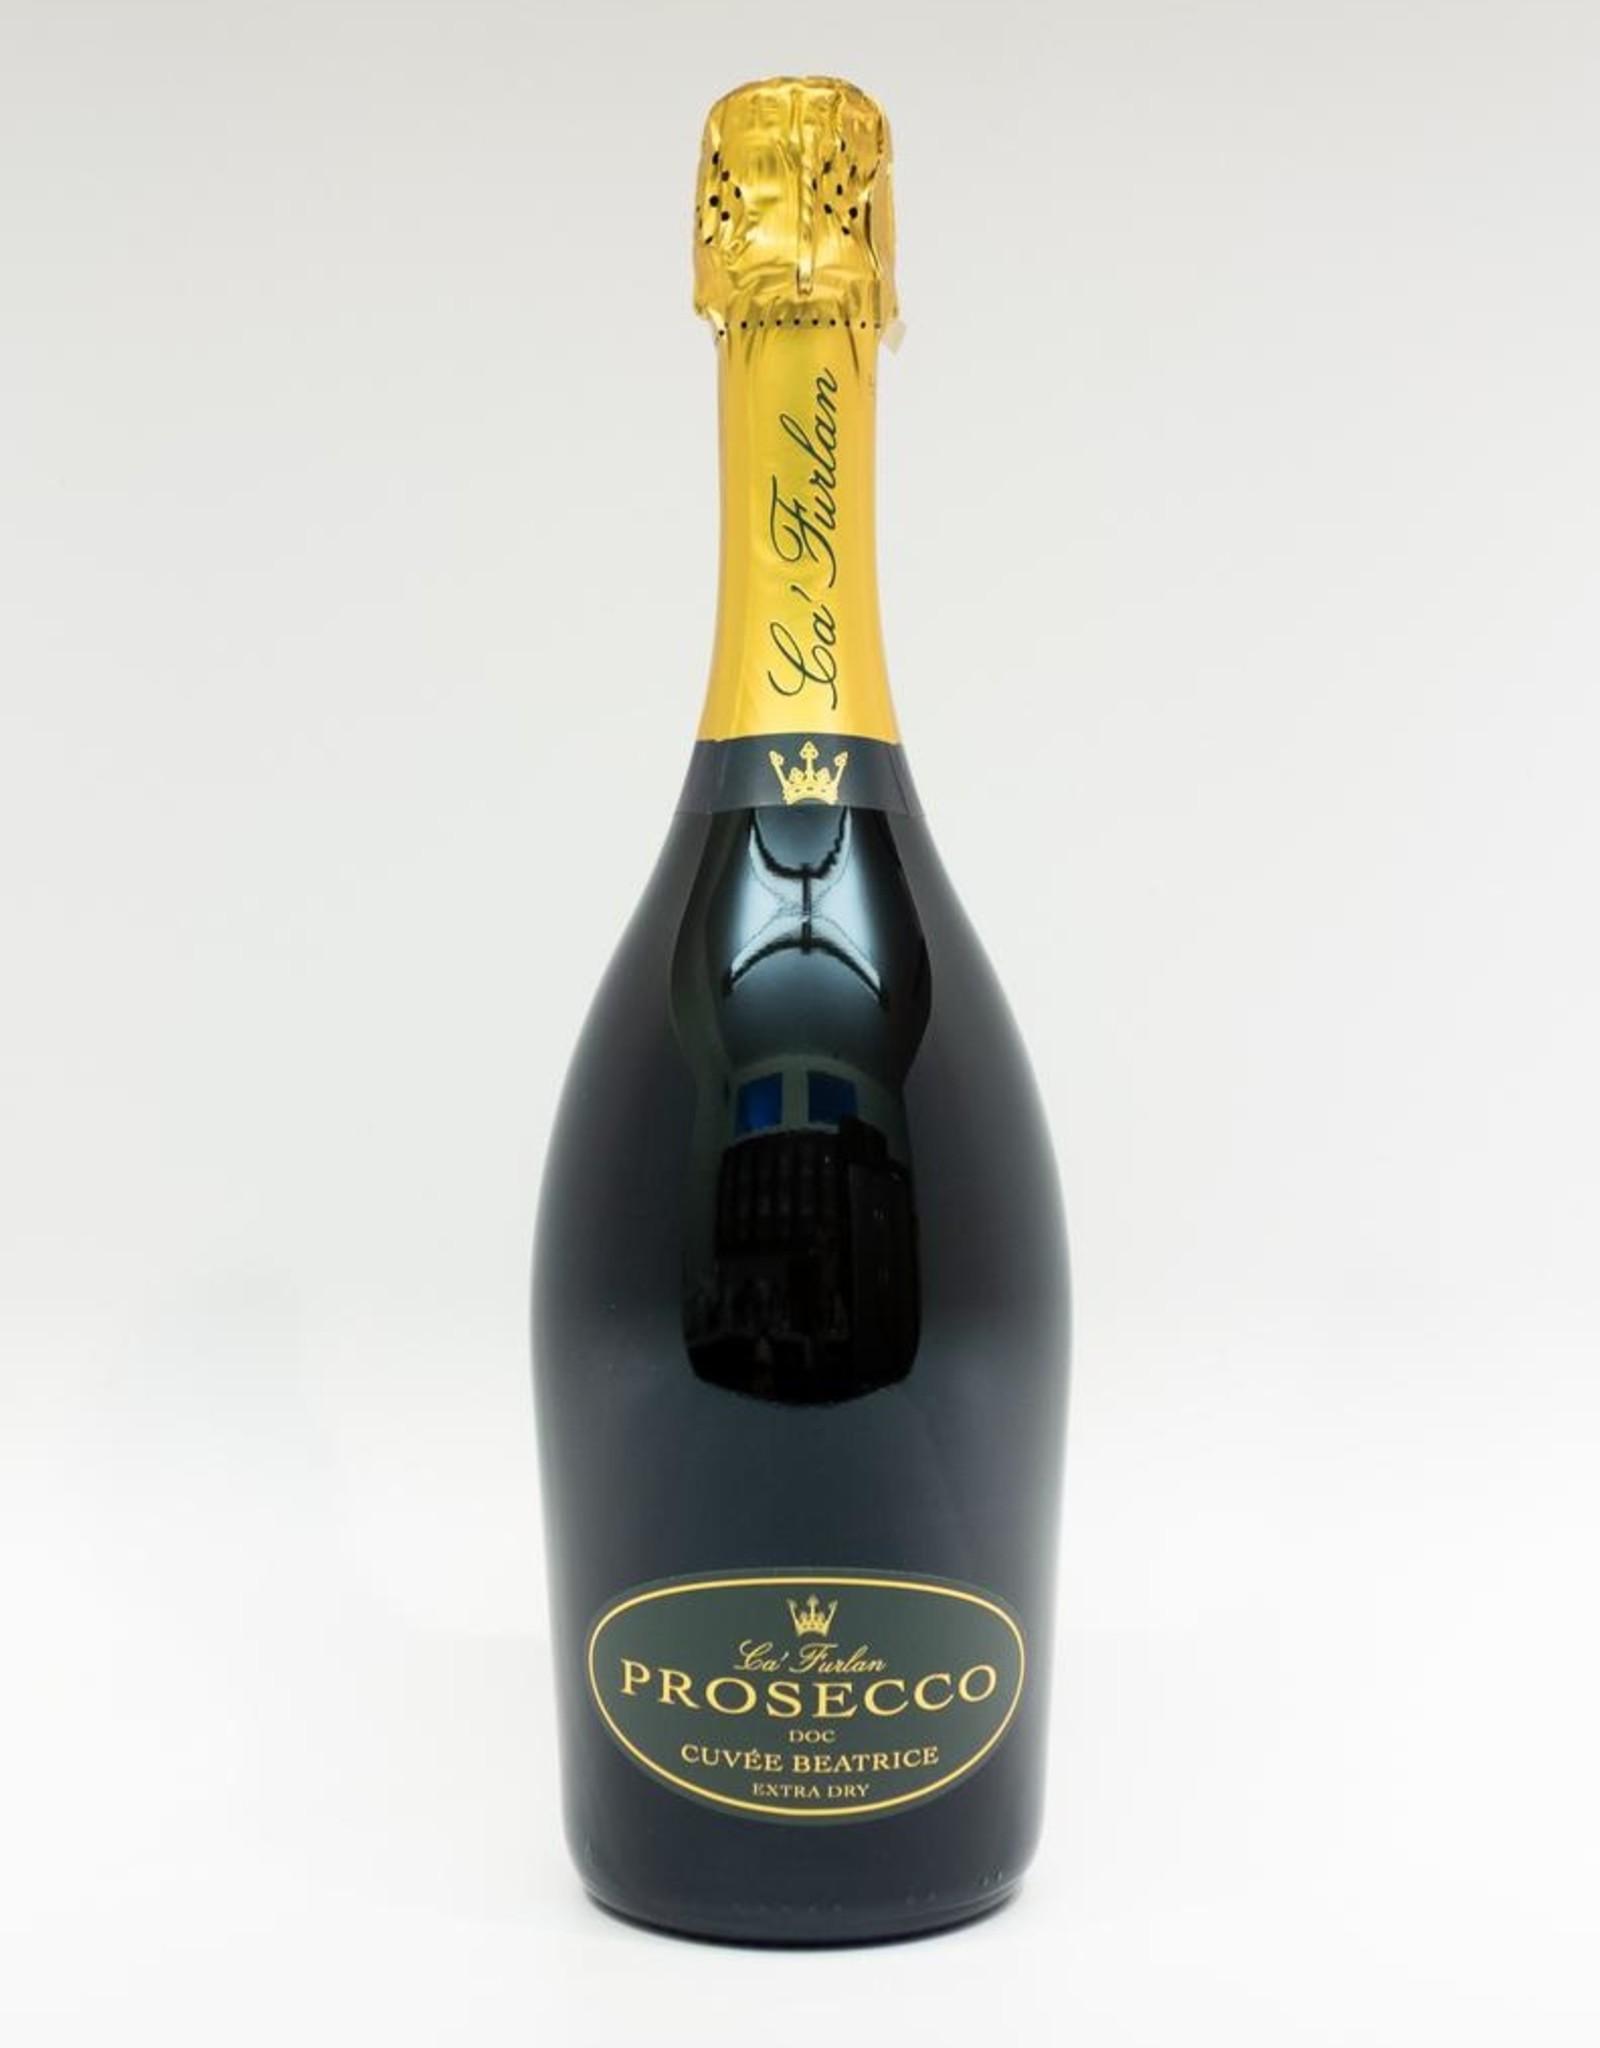 Wine-Sparkling-Prosecco Ca' Furlan Prosecco DOC 'Cuvee Beatrice' NV